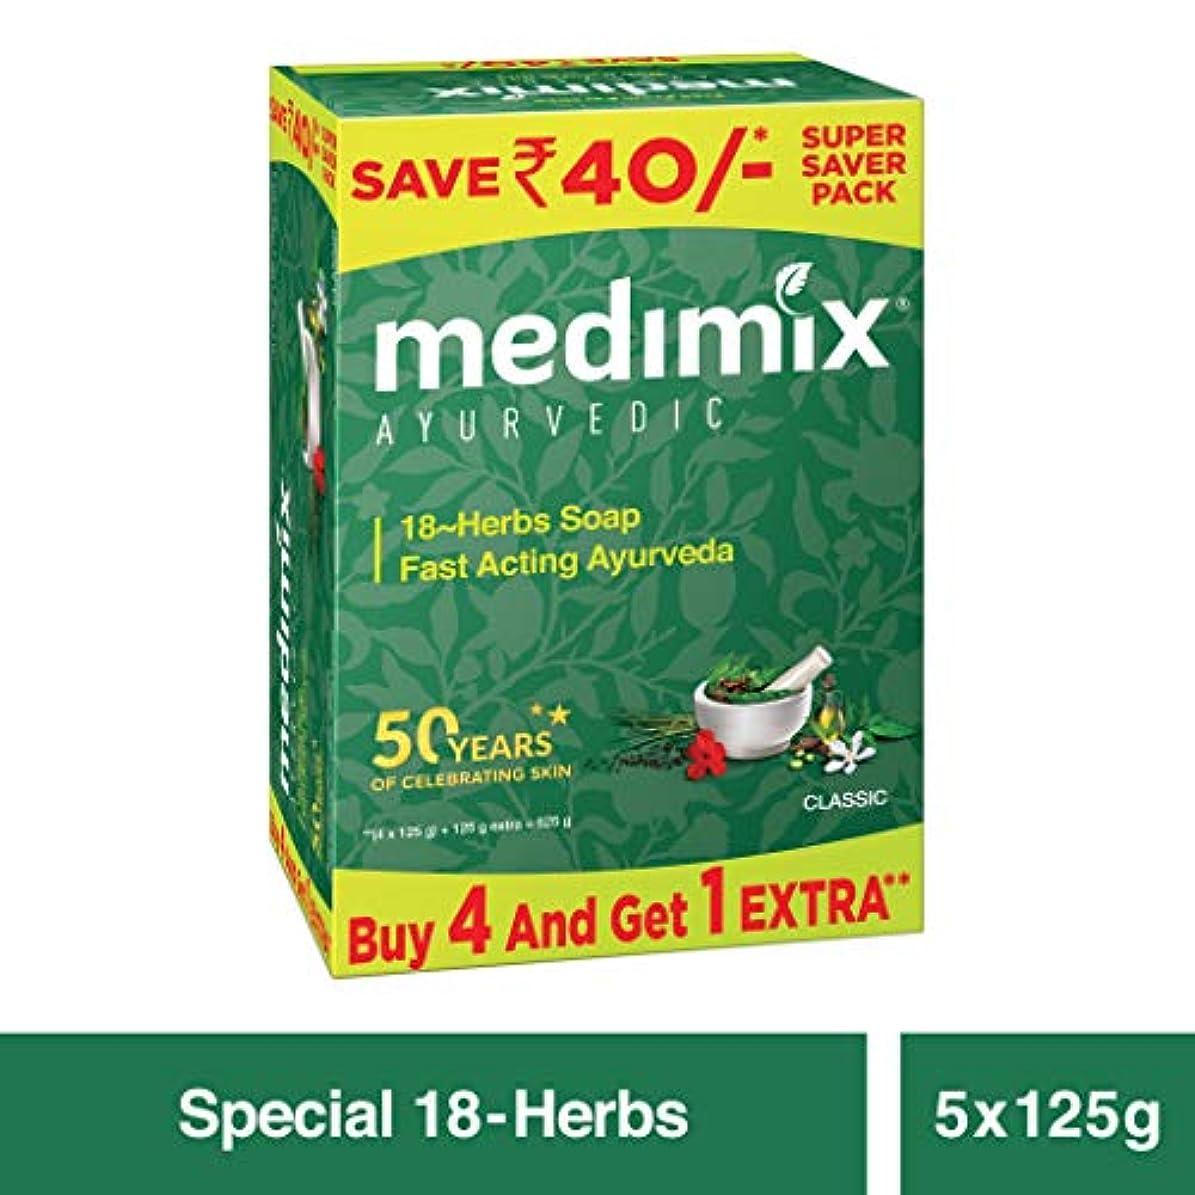 肌子音職業Medimix Ayurvedic Classic 18 Herbs Soap, 125g (4+1 Super Saver Pack, Save Rs.40)